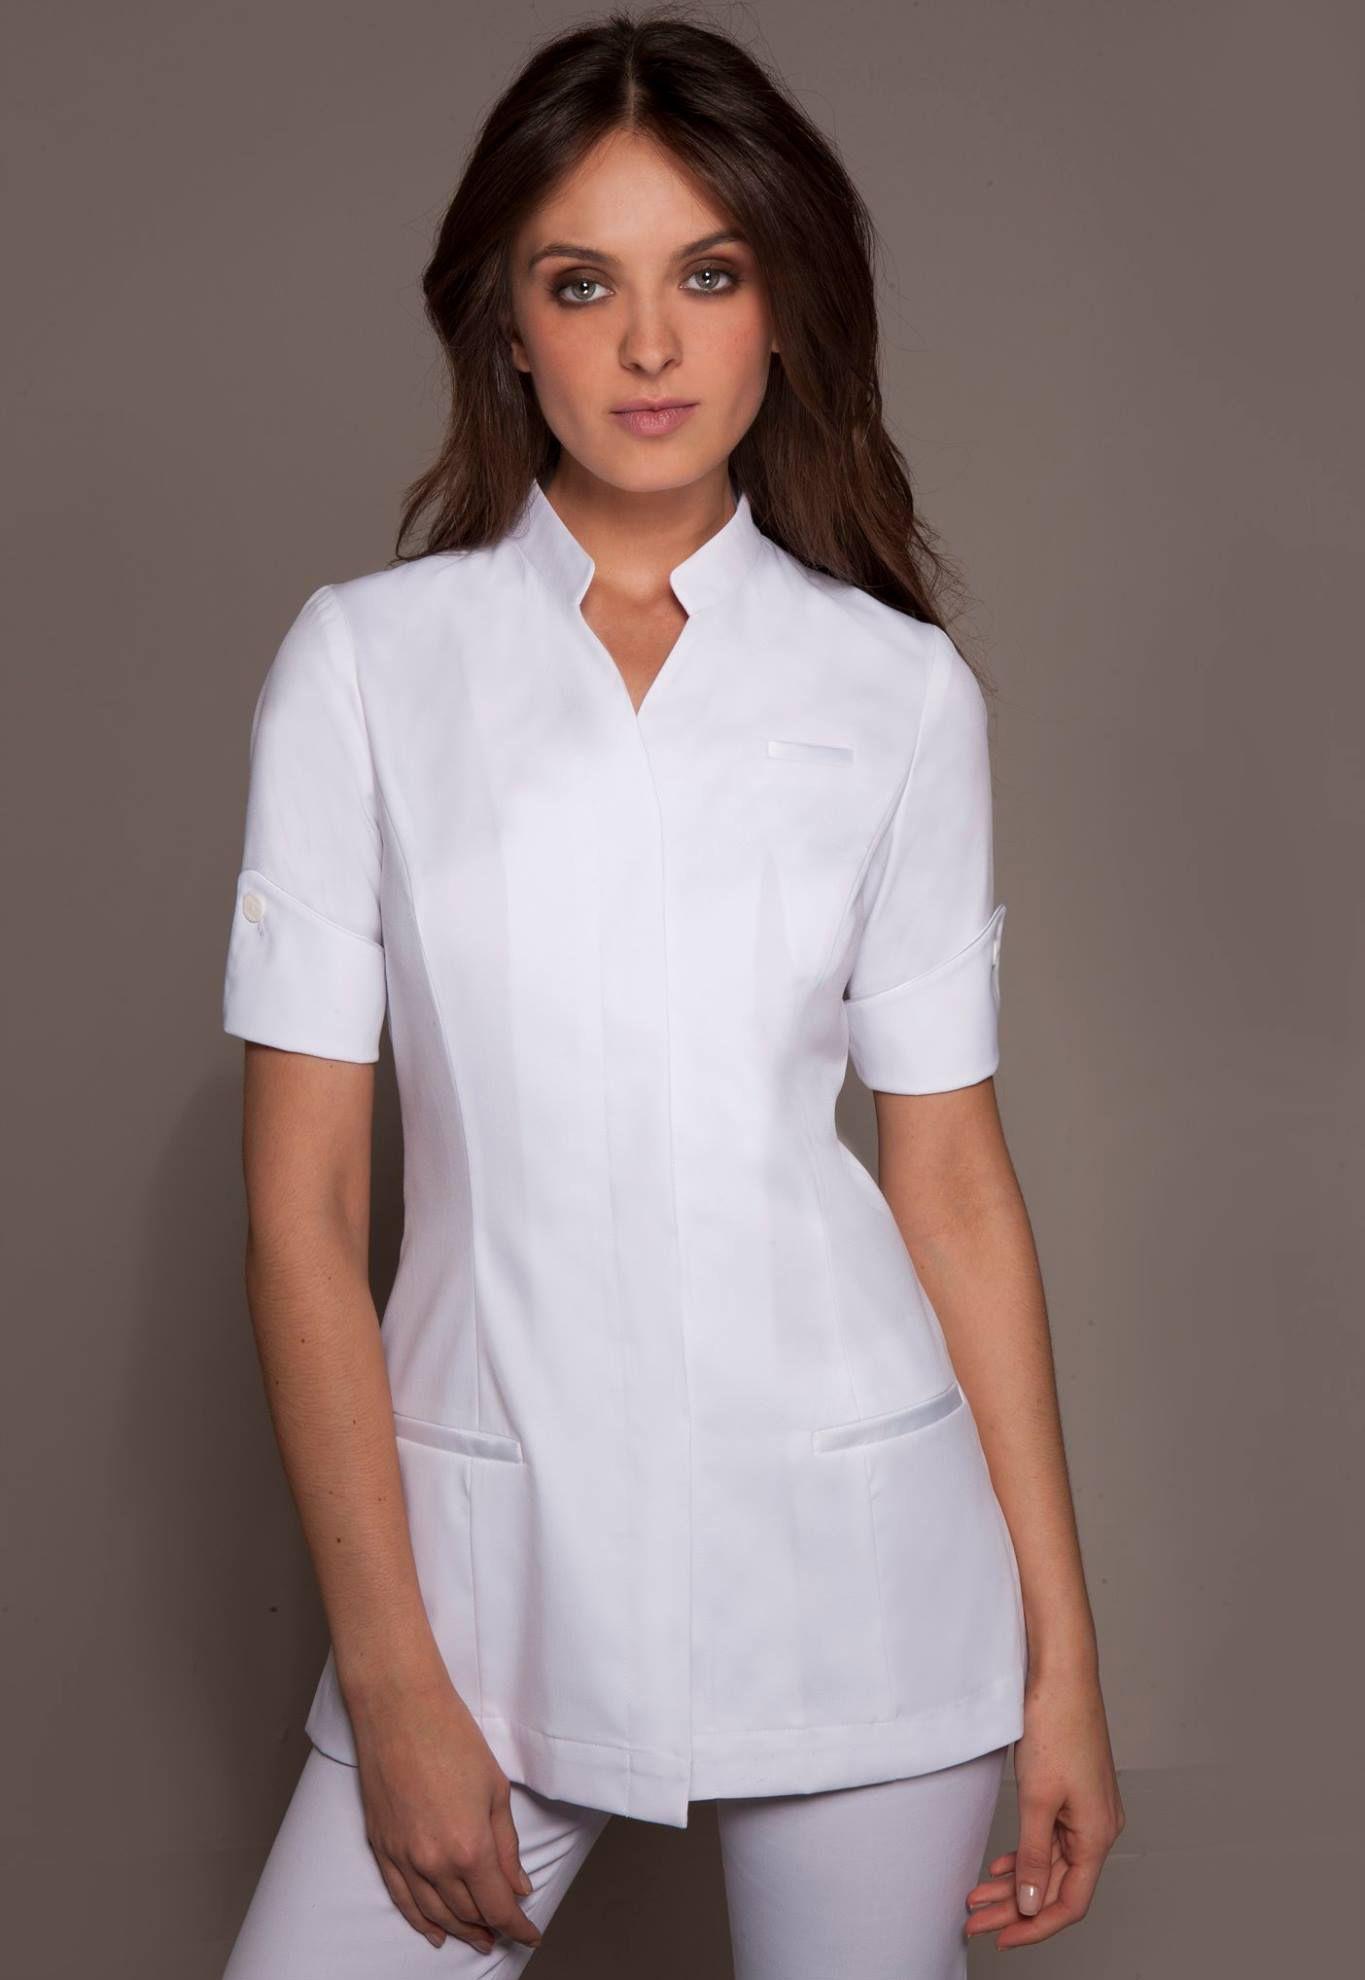 stylemonarchy spa uniforms niagara tunic aesthetic